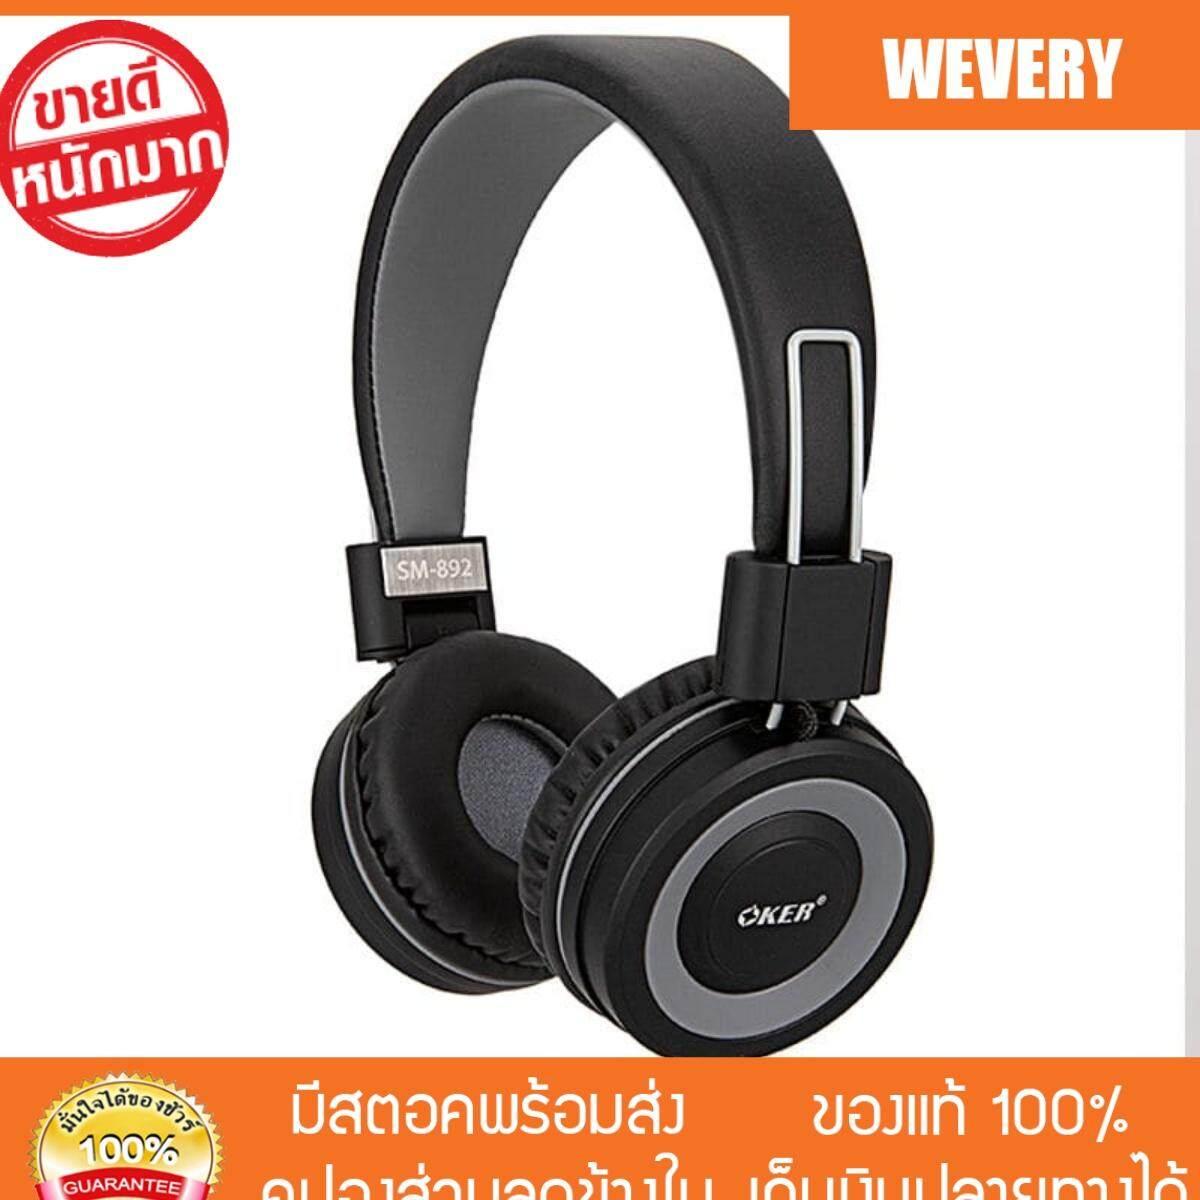 ลดสุดๆ [Wevery] HEADPHONE OKER SM-892 สีดำเทา headphone gaming หูฟังเกมมิ่ง oker หูฟังครอบหู หูฟังสำหรับคอม หูฟังแบบครอบ ส่ง Kerry เก็บปลายทางได้